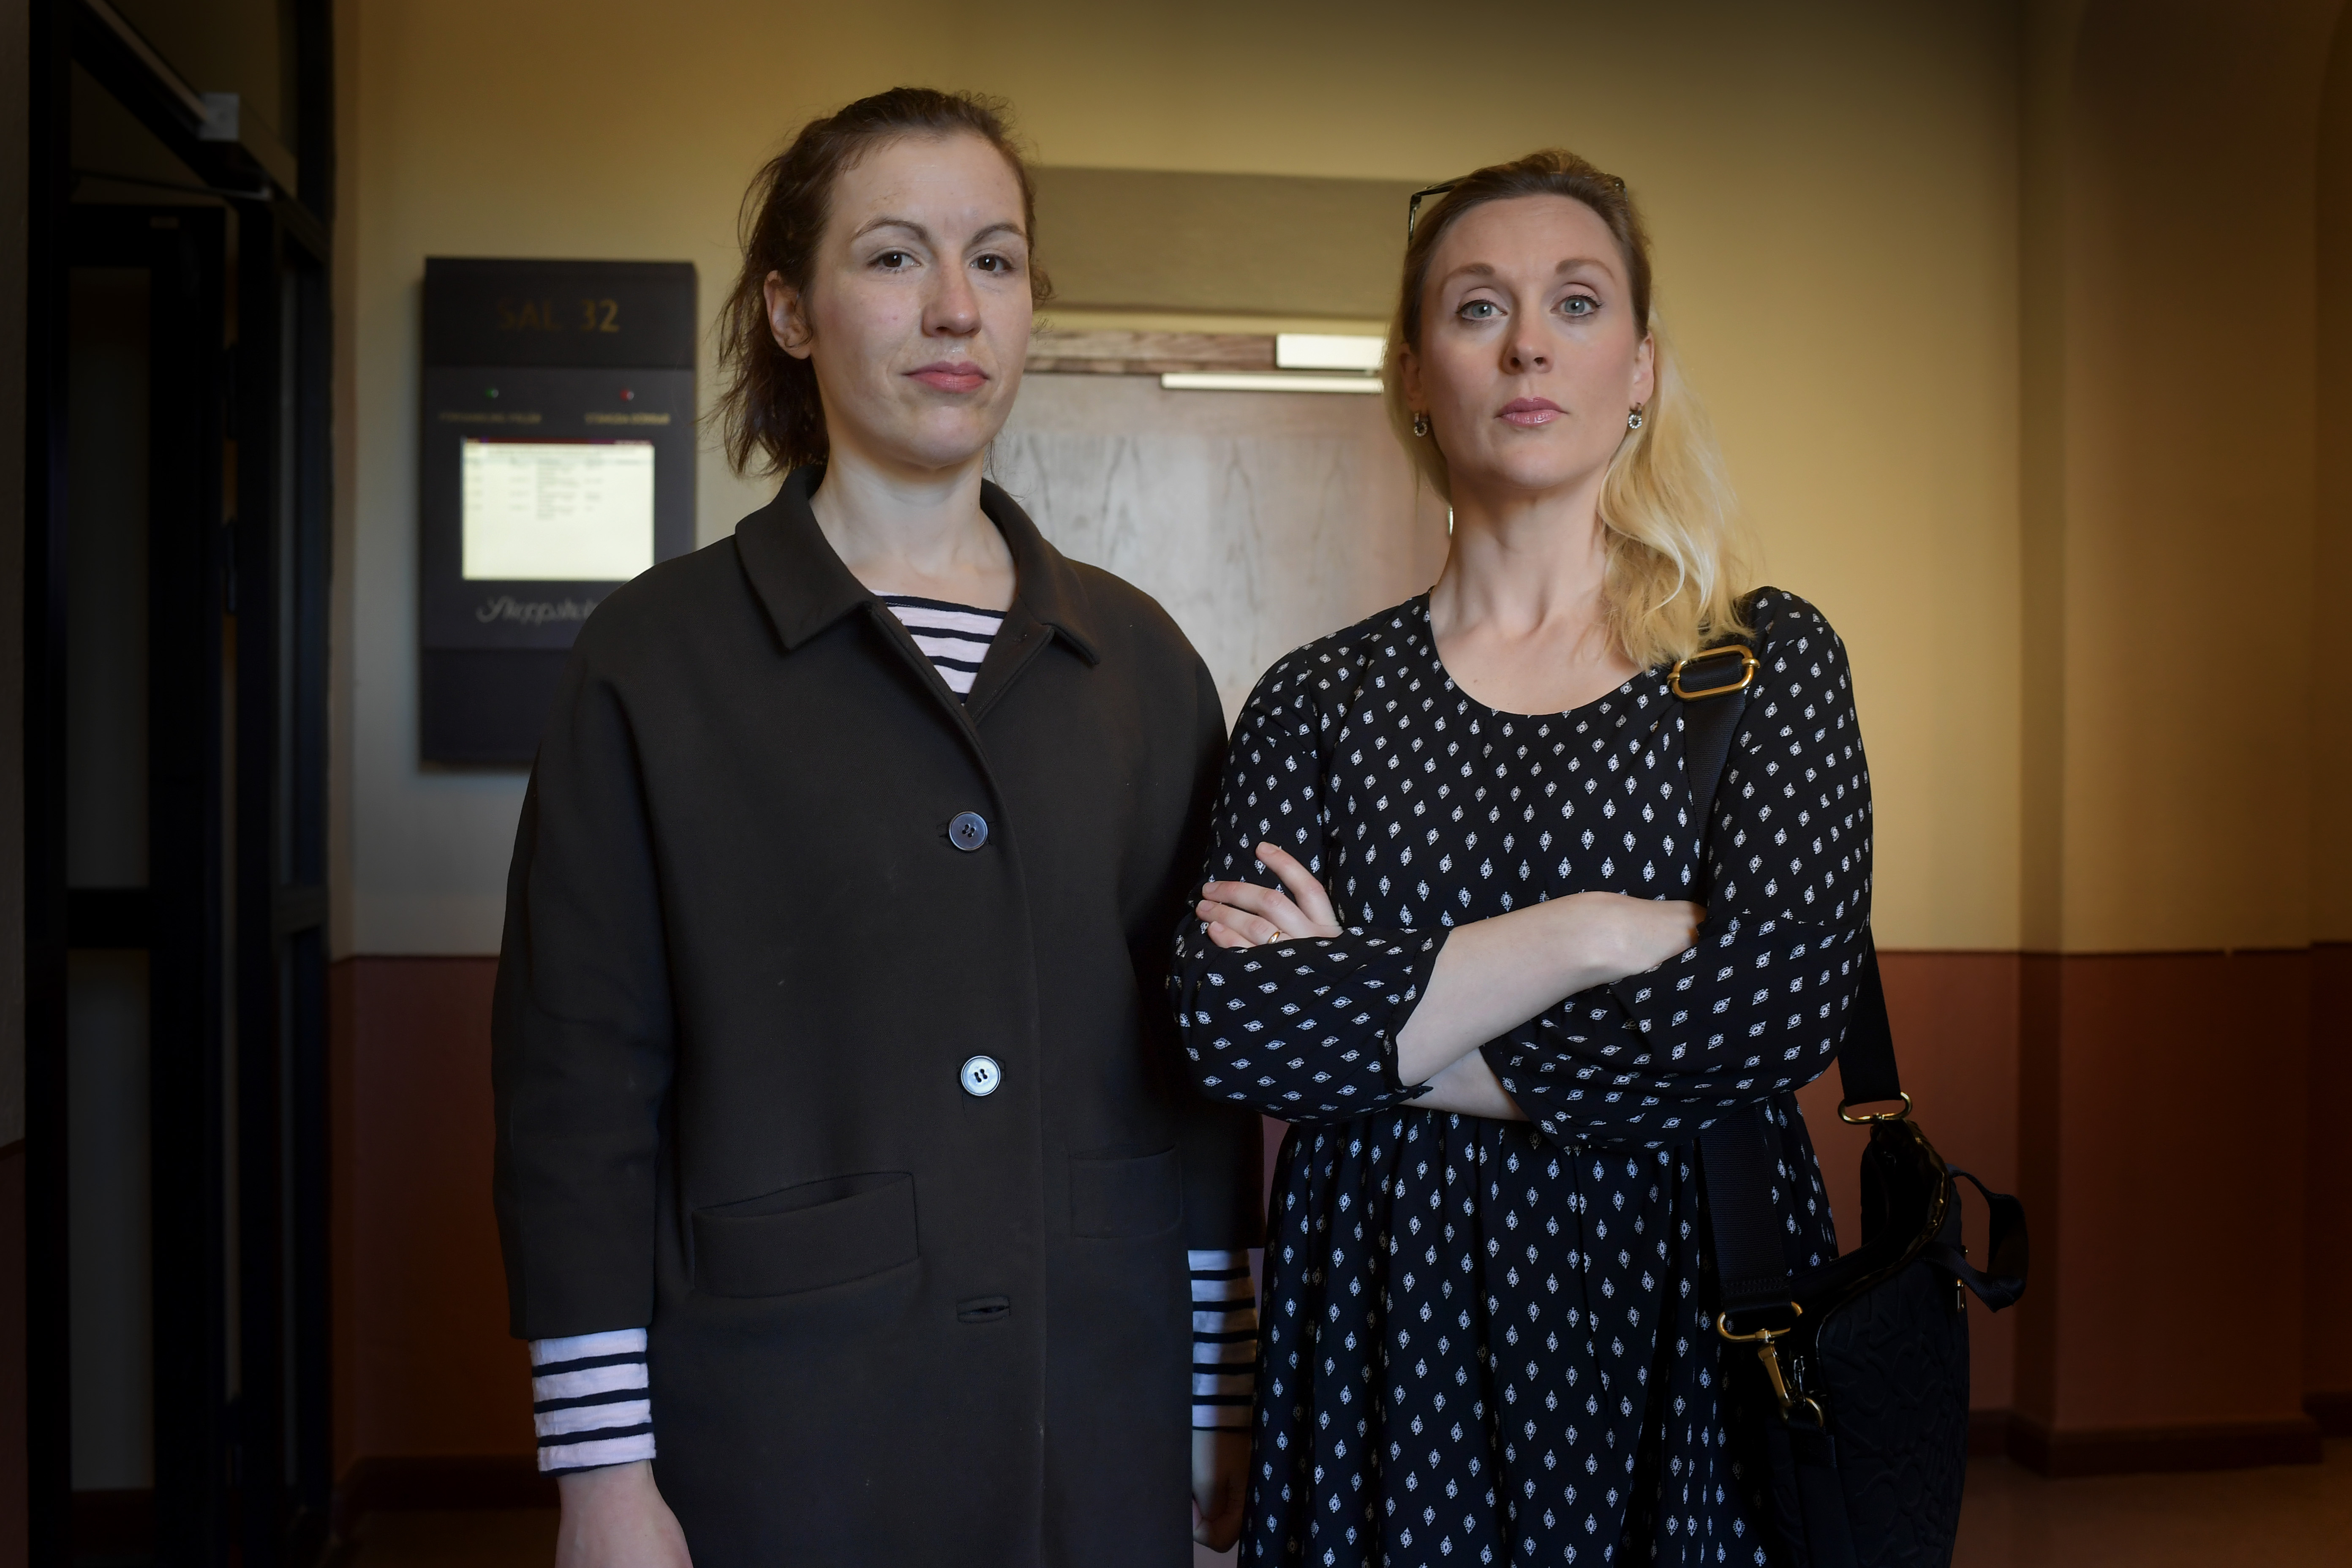 Lisa Röstlund och Lisa Bjurwald. Bild: Stefan Mattsson